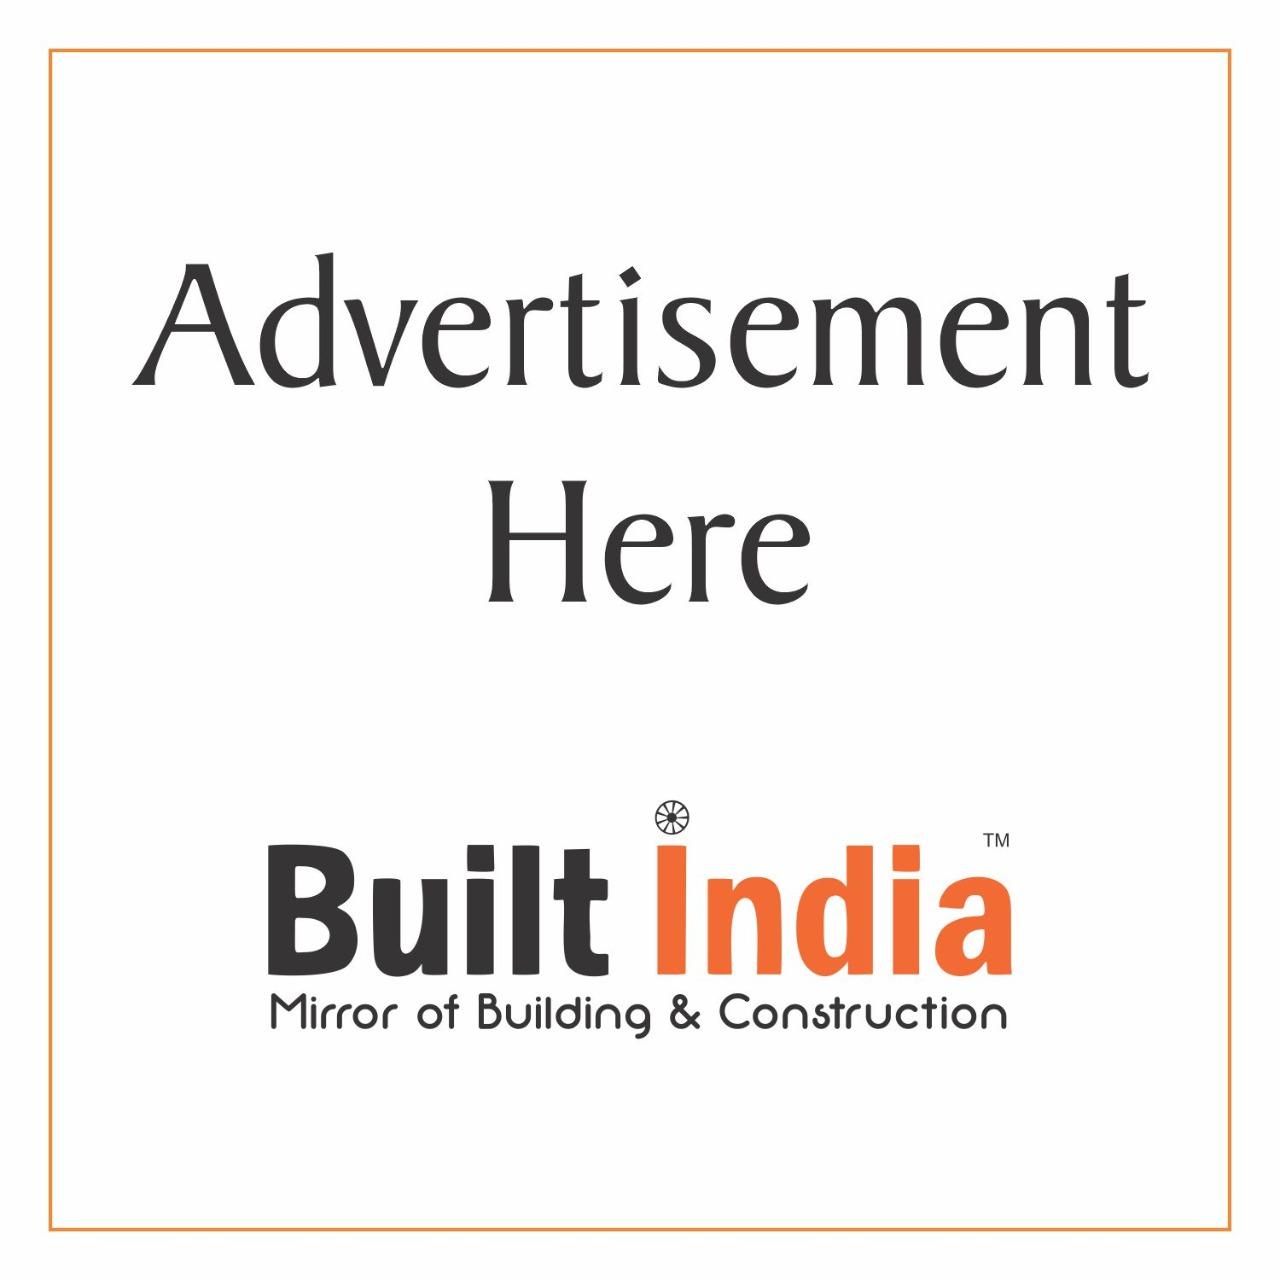 Built India